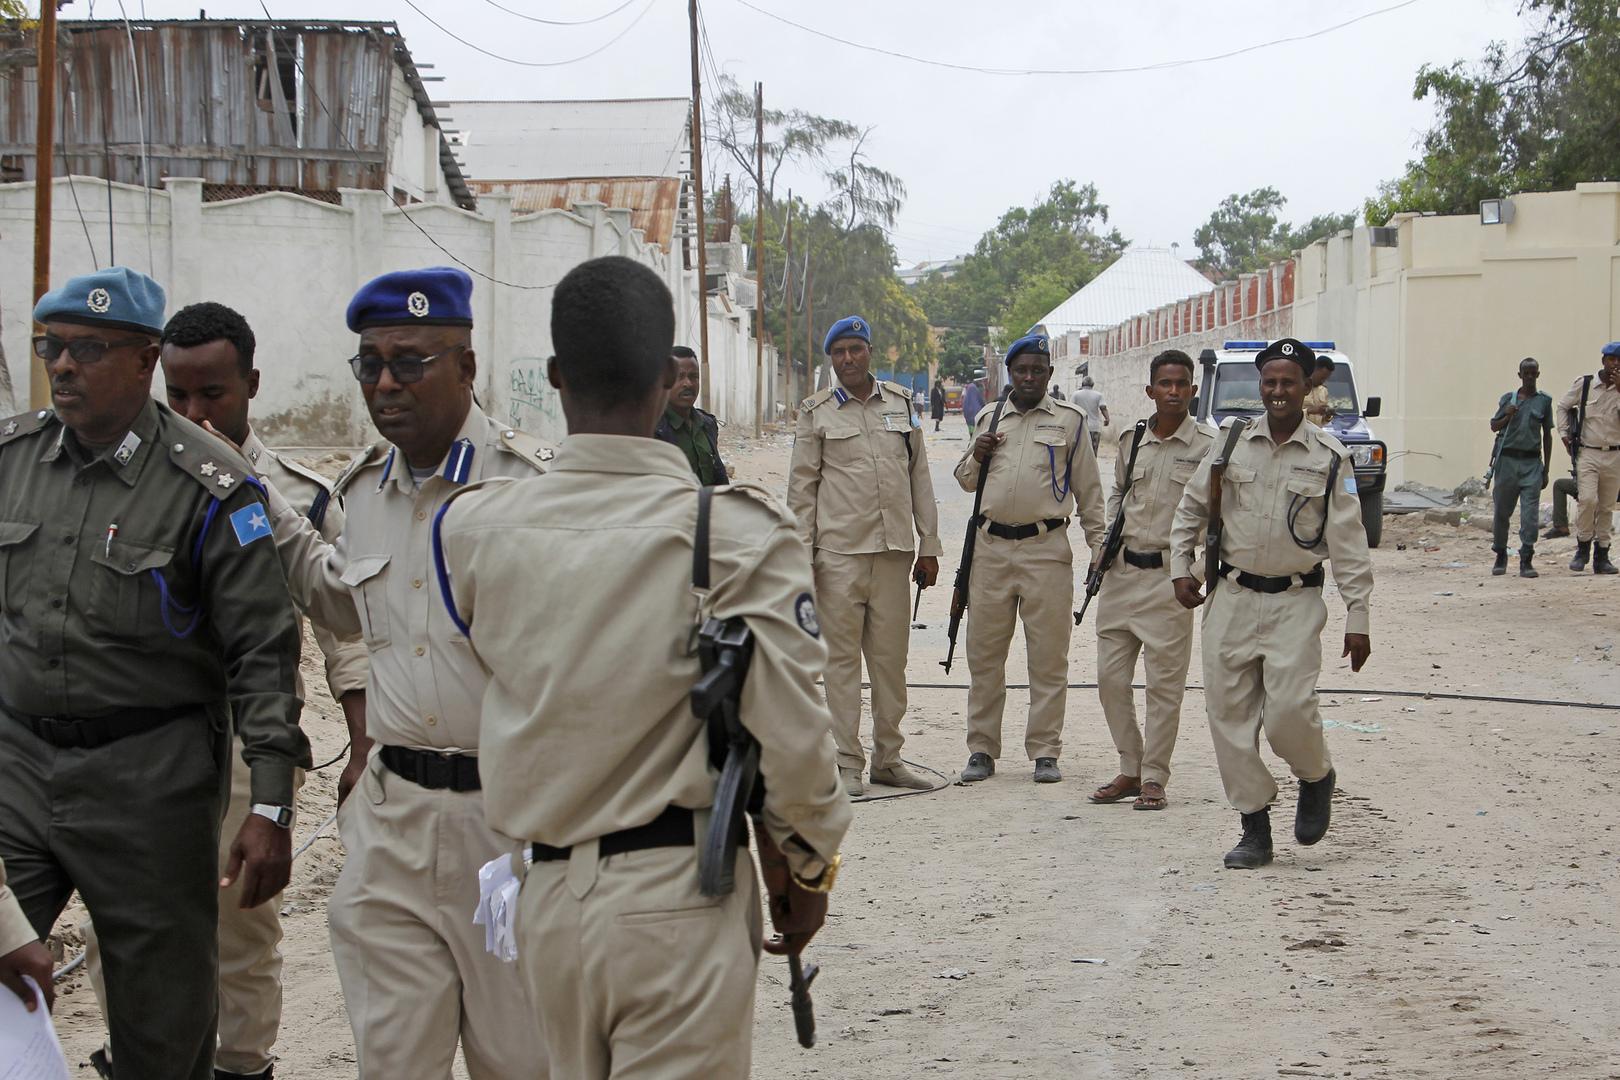 وسائل إعلام صومالية: تفجير انتحاري قرب قاعدة عسكرية في مقديشو